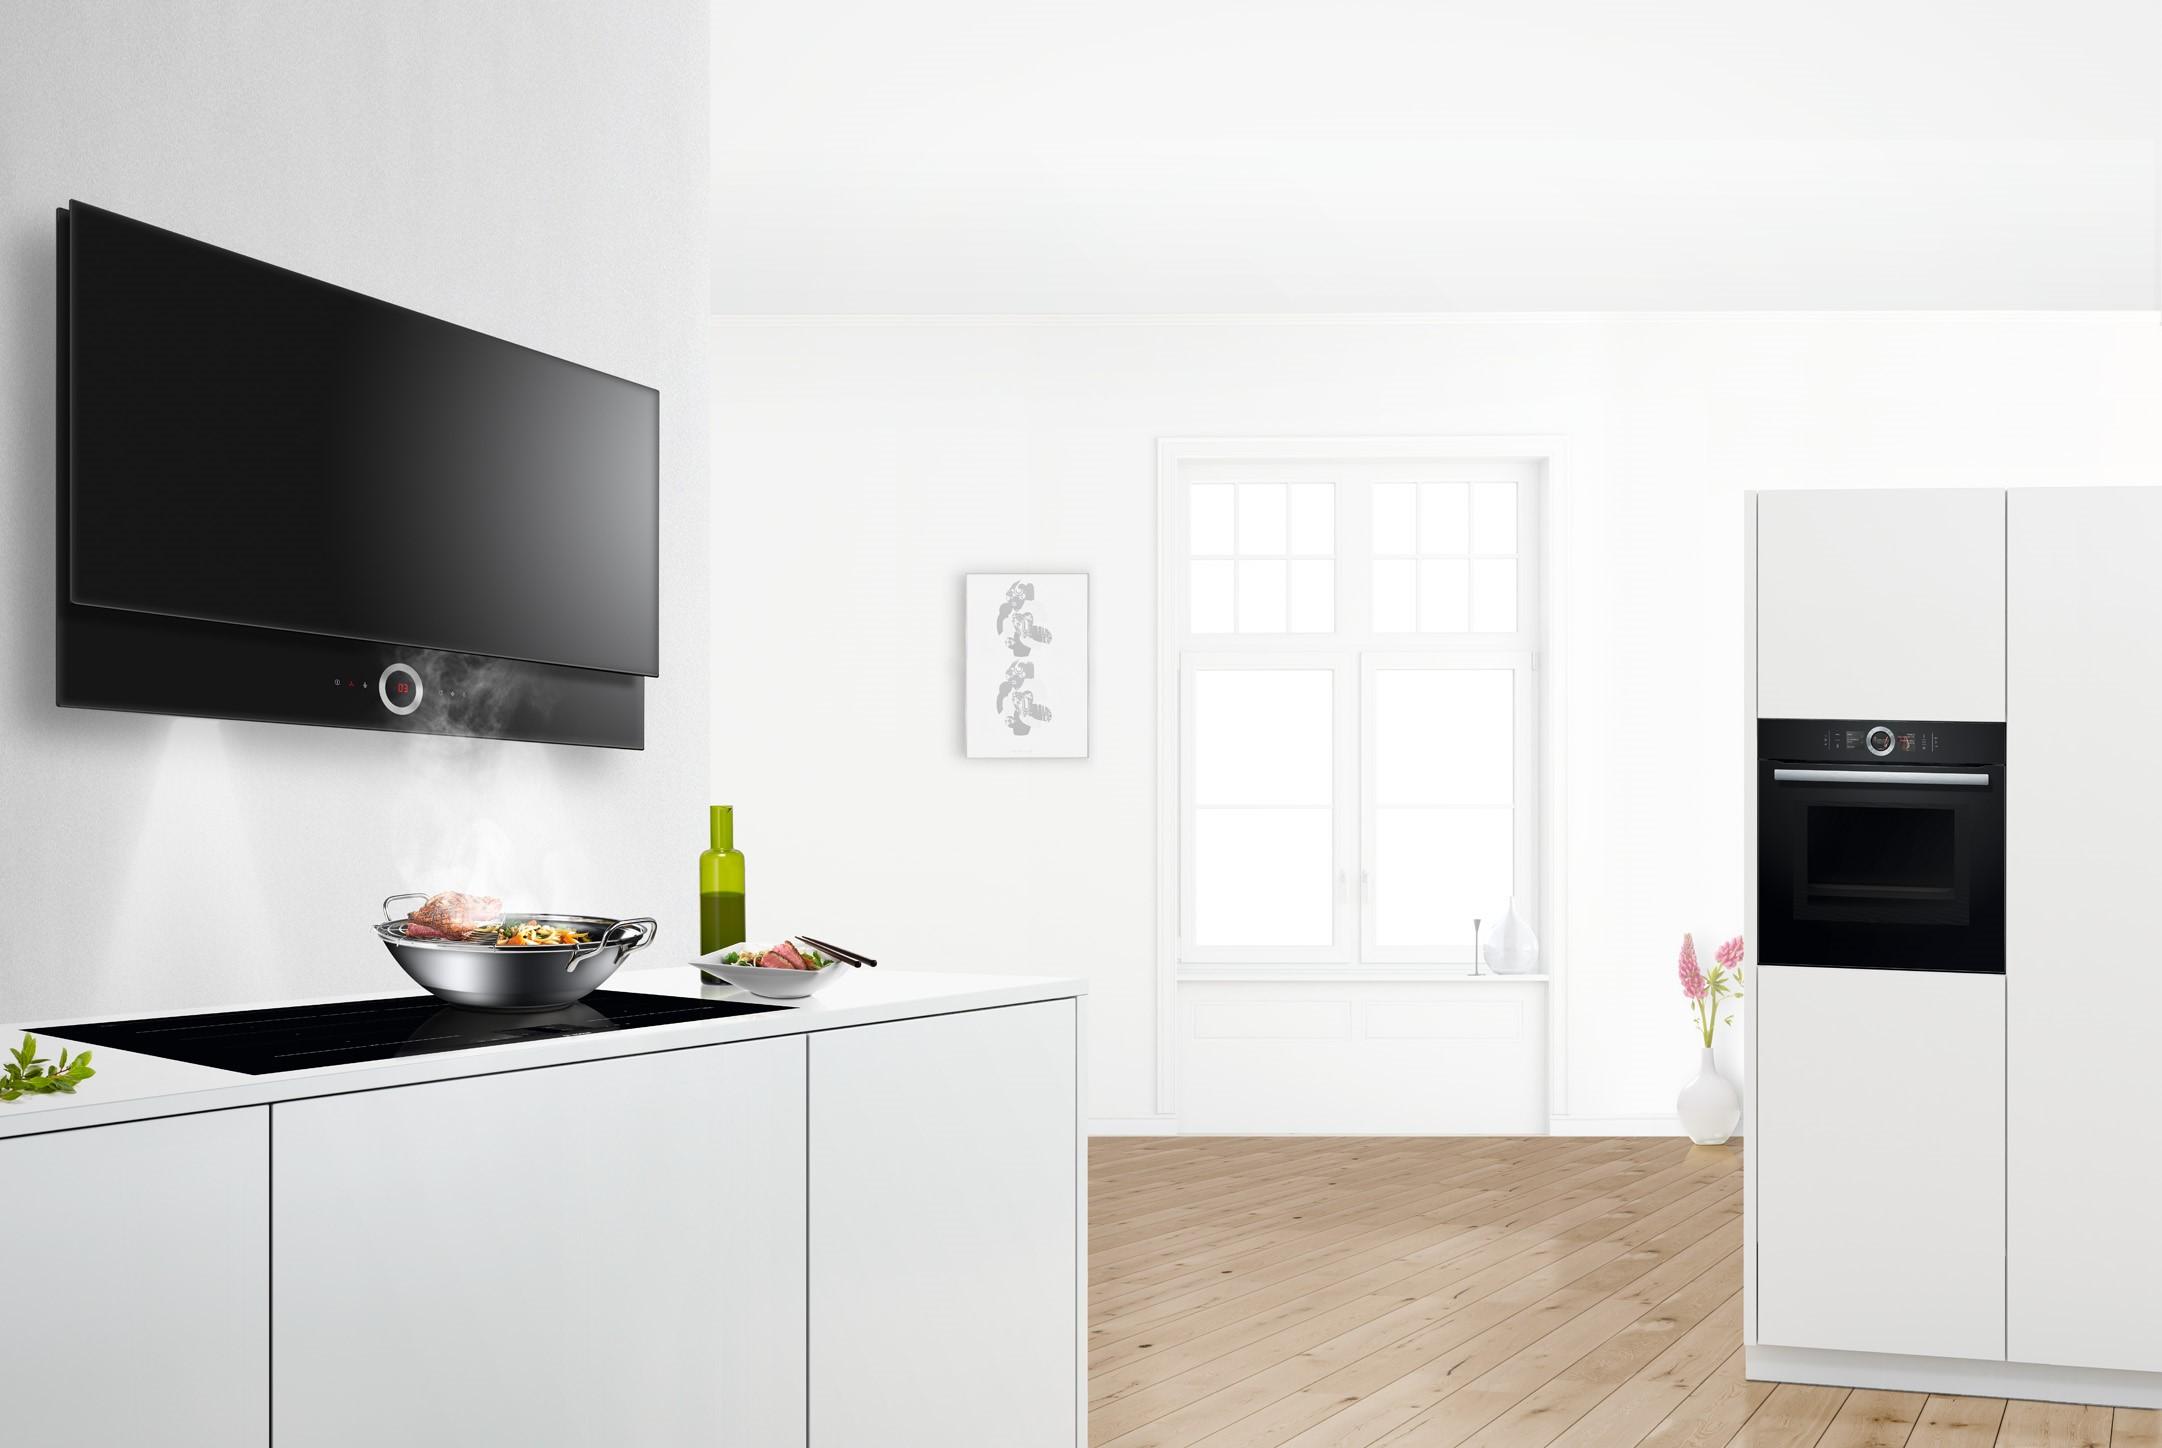 ergonomie und komfort in der k che tdk 2017 amk arbeitsgemeinschaft die moderne k che e v. Black Bedroom Furniture Sets. Home Design Ideas